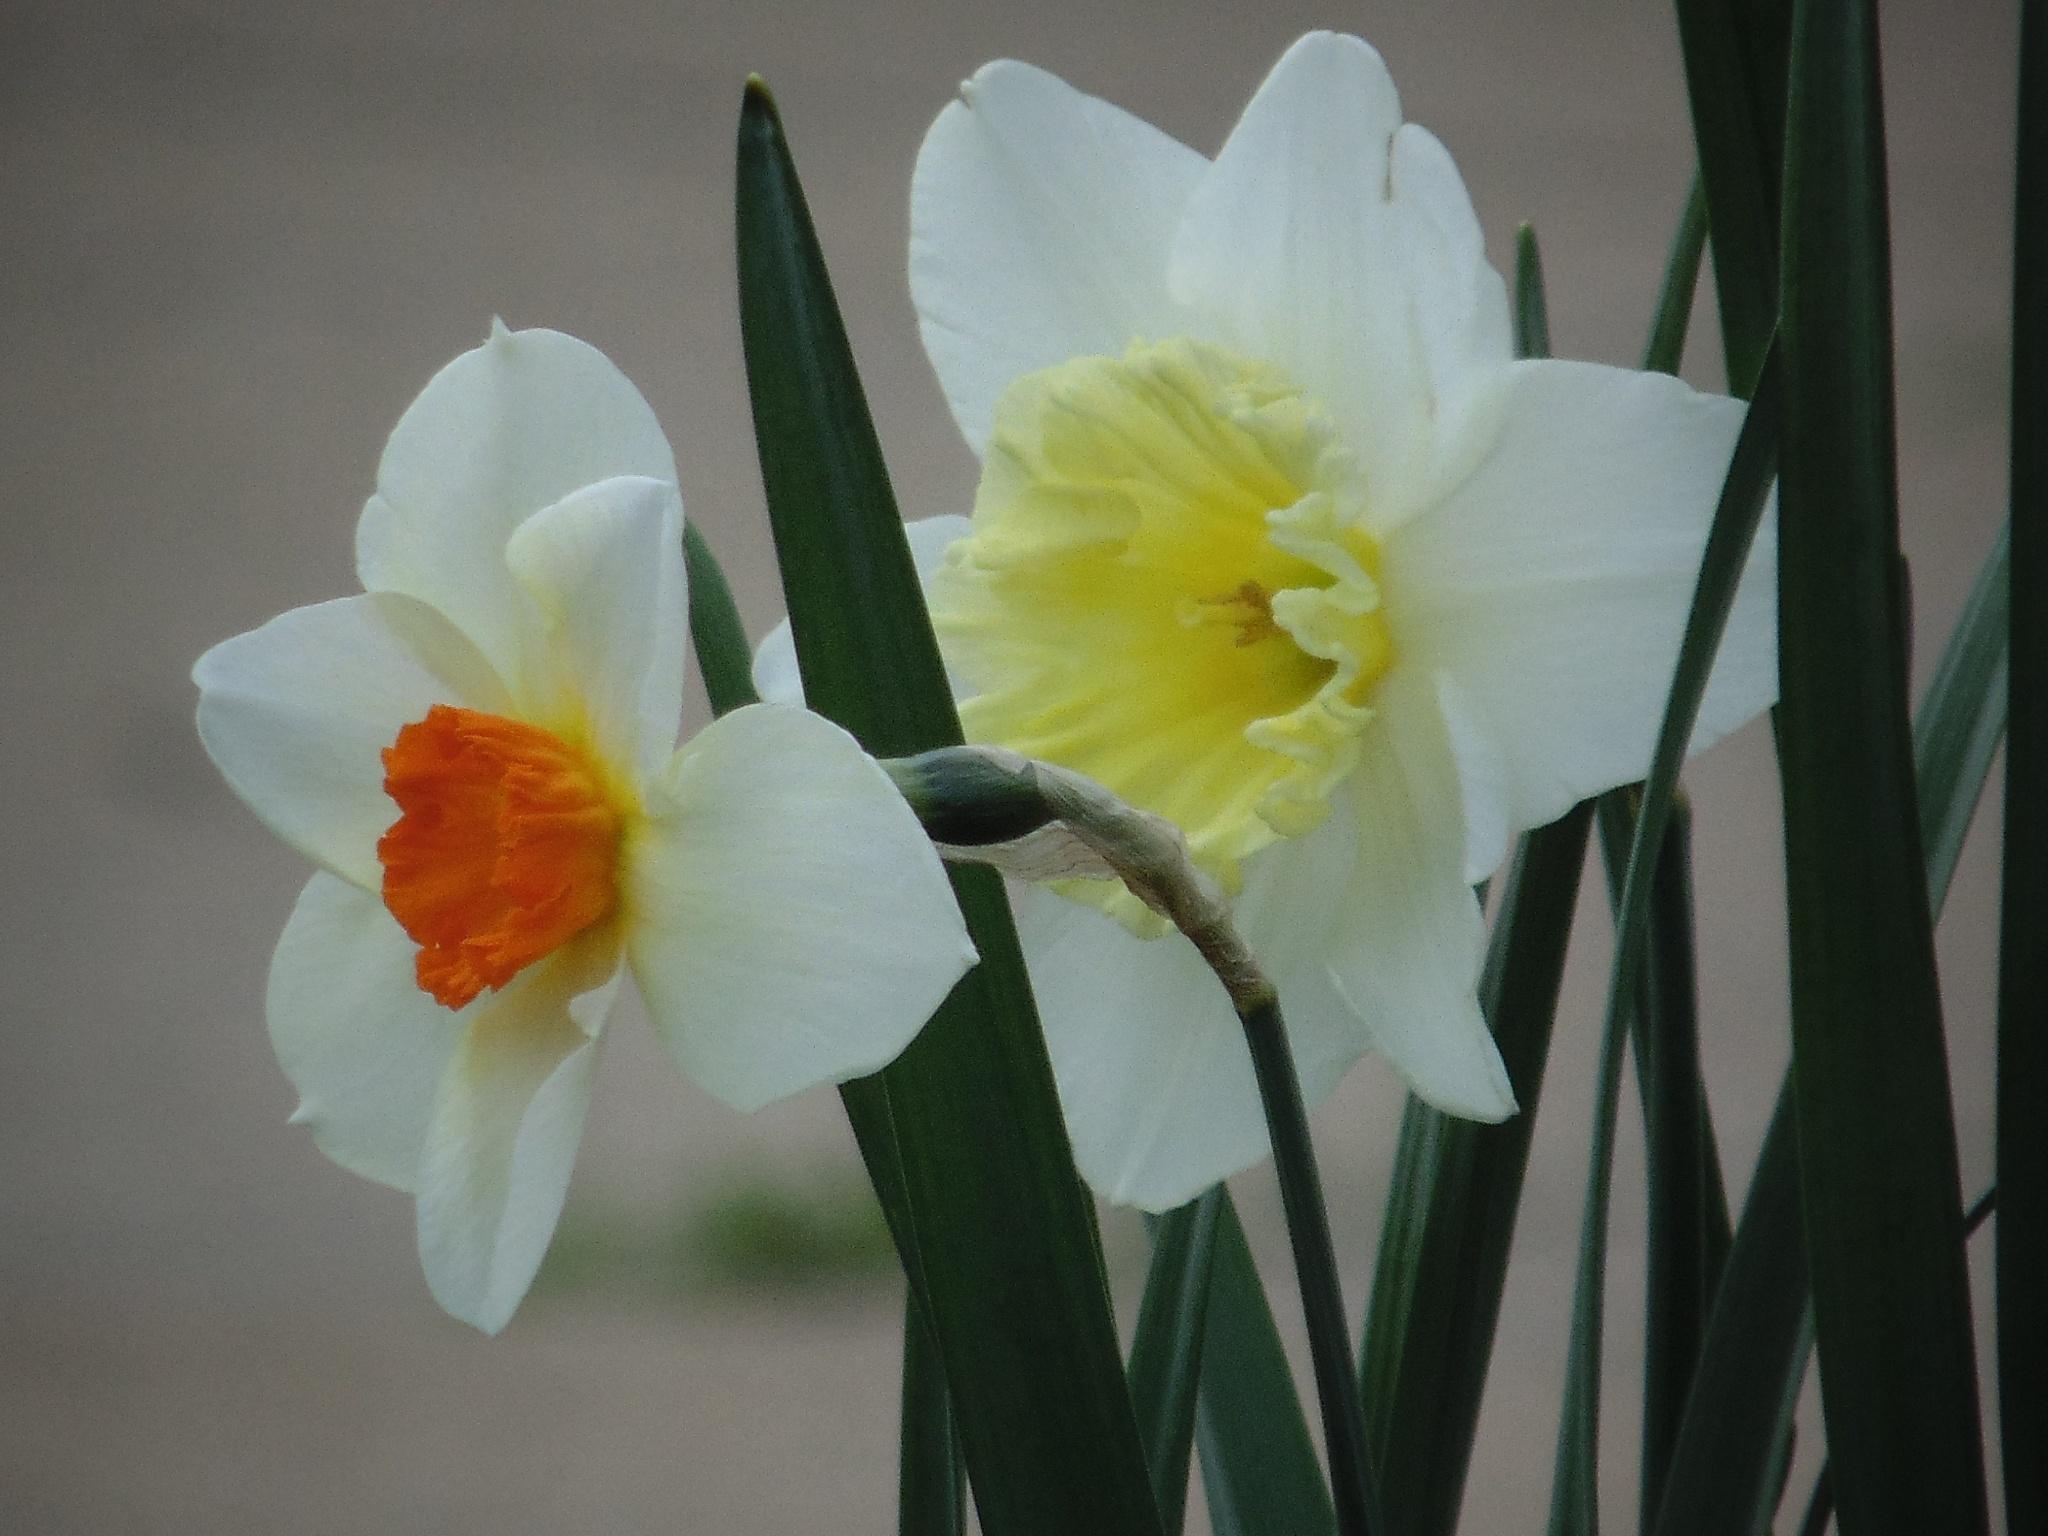 Daffodils  by tracy.halman